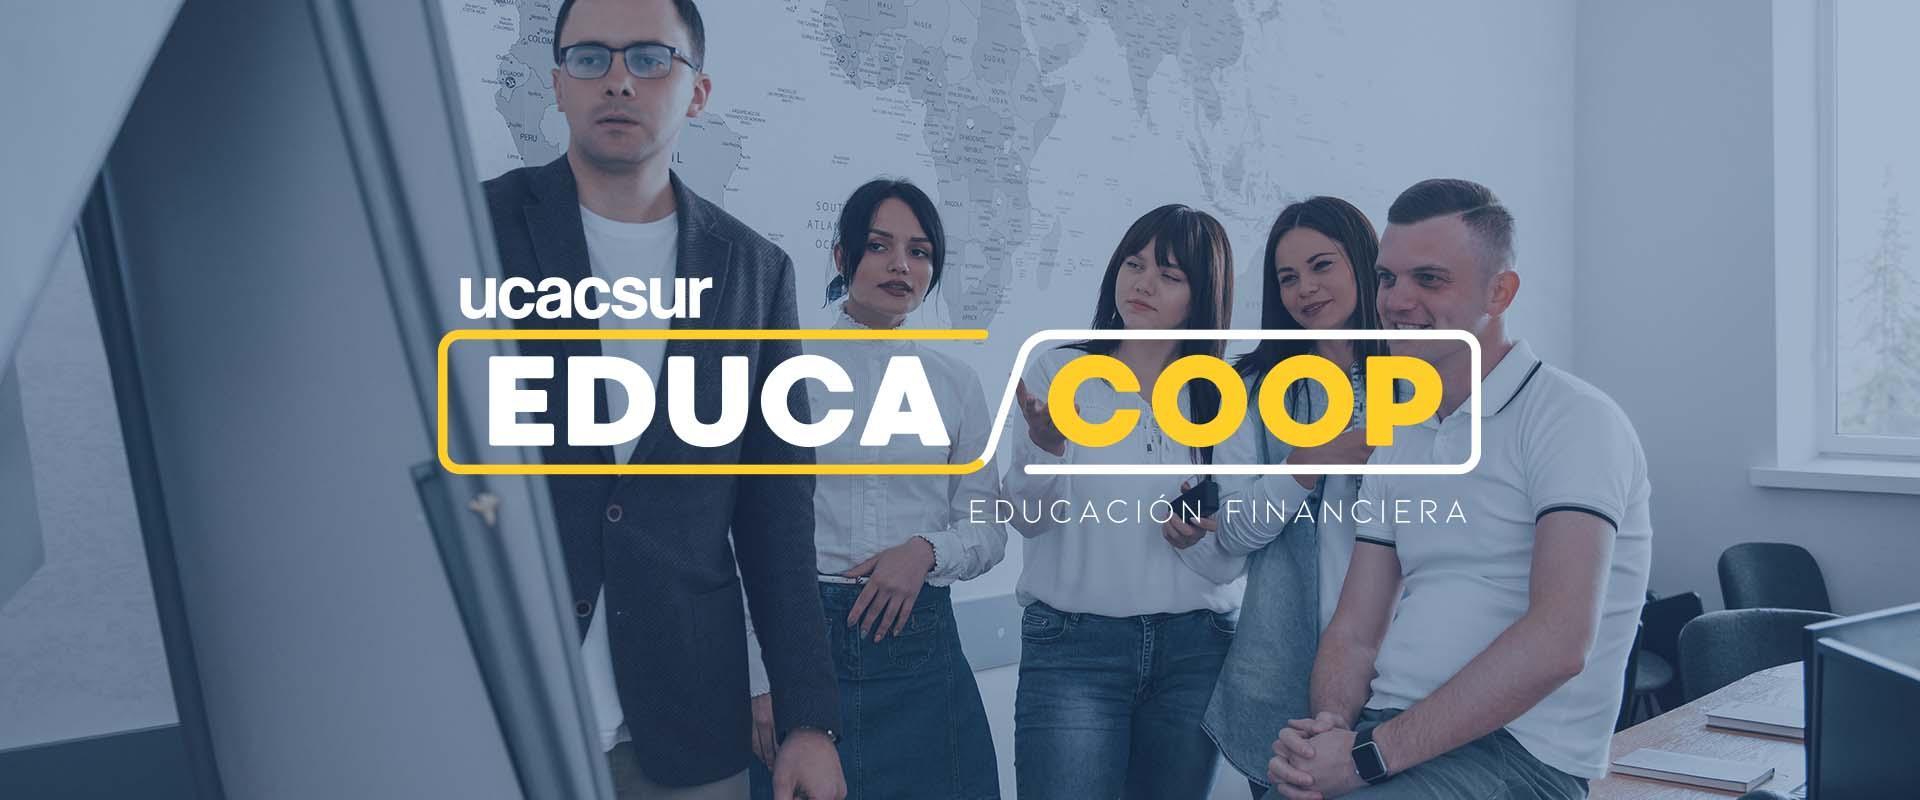 EDUCACOOP2